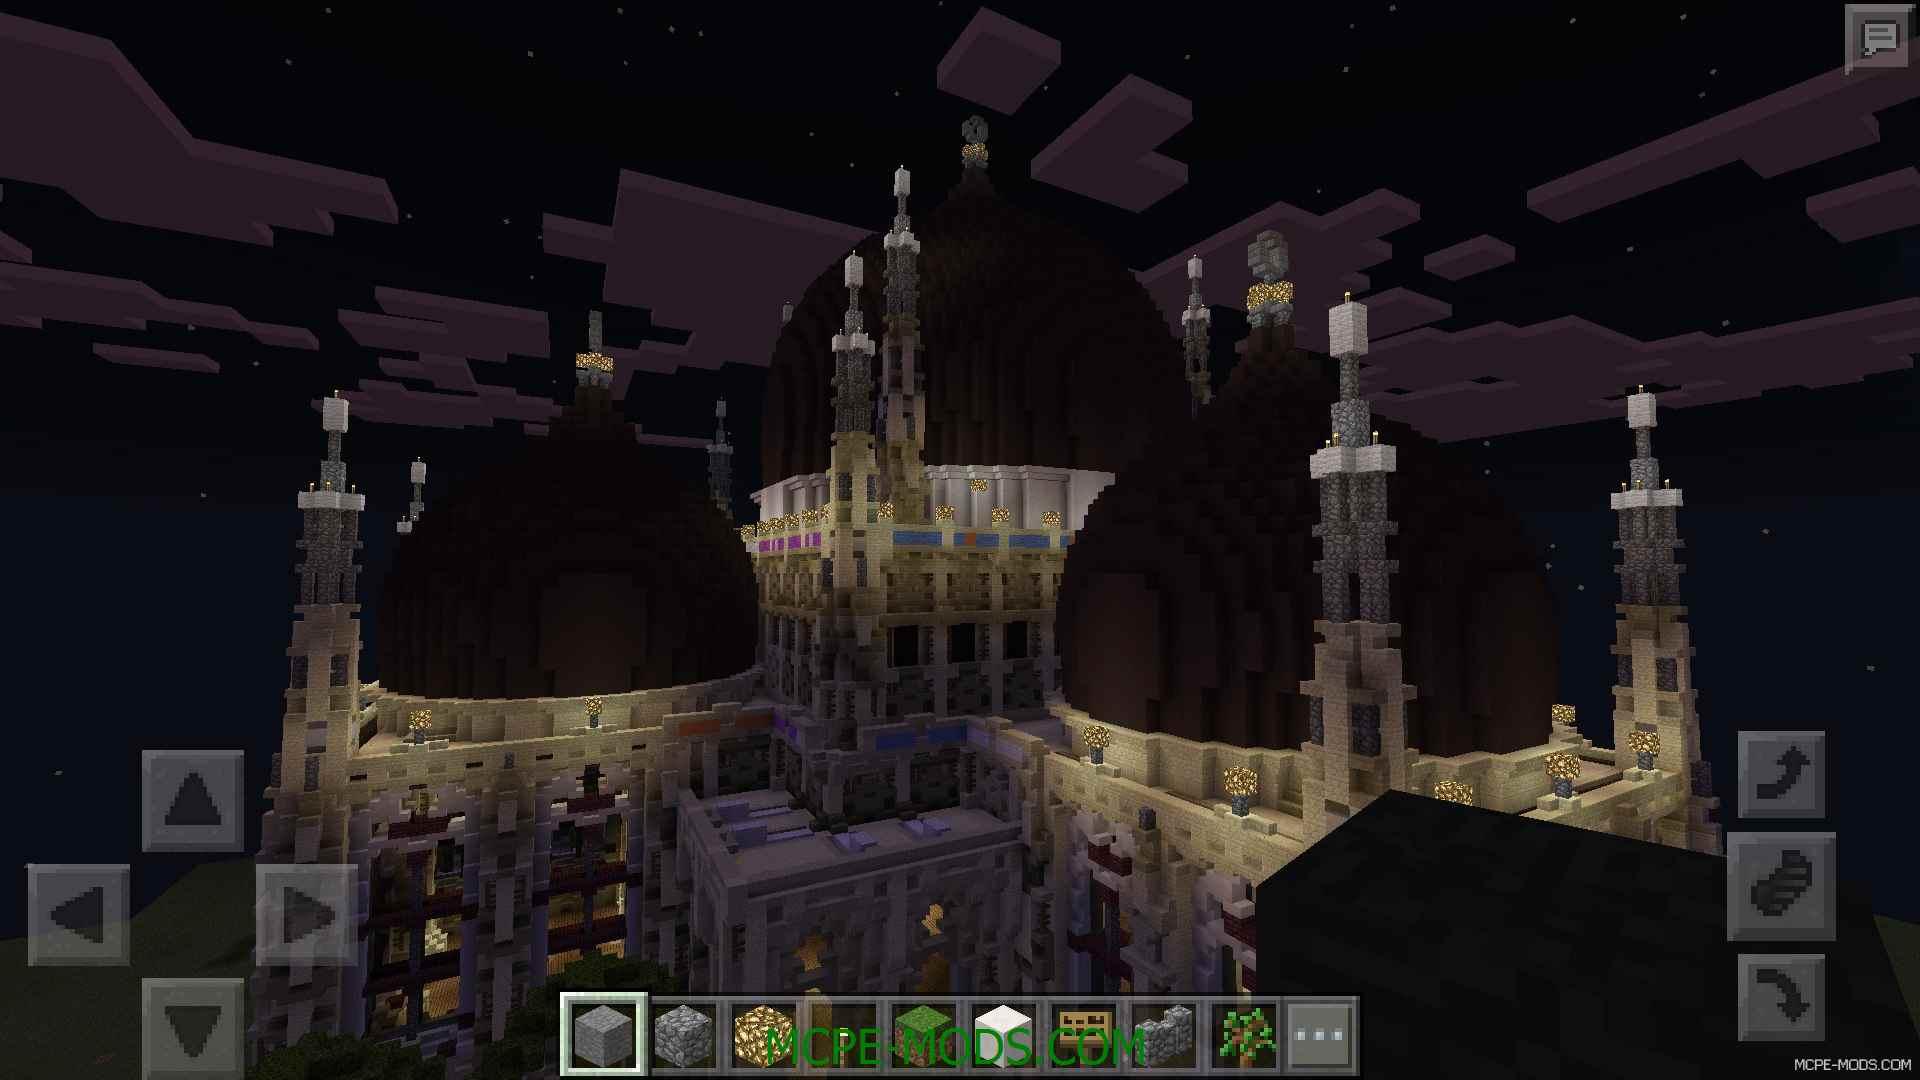 Скачать карту Alladin's Castle для Майнкрафт 0.16.0 на Андроид